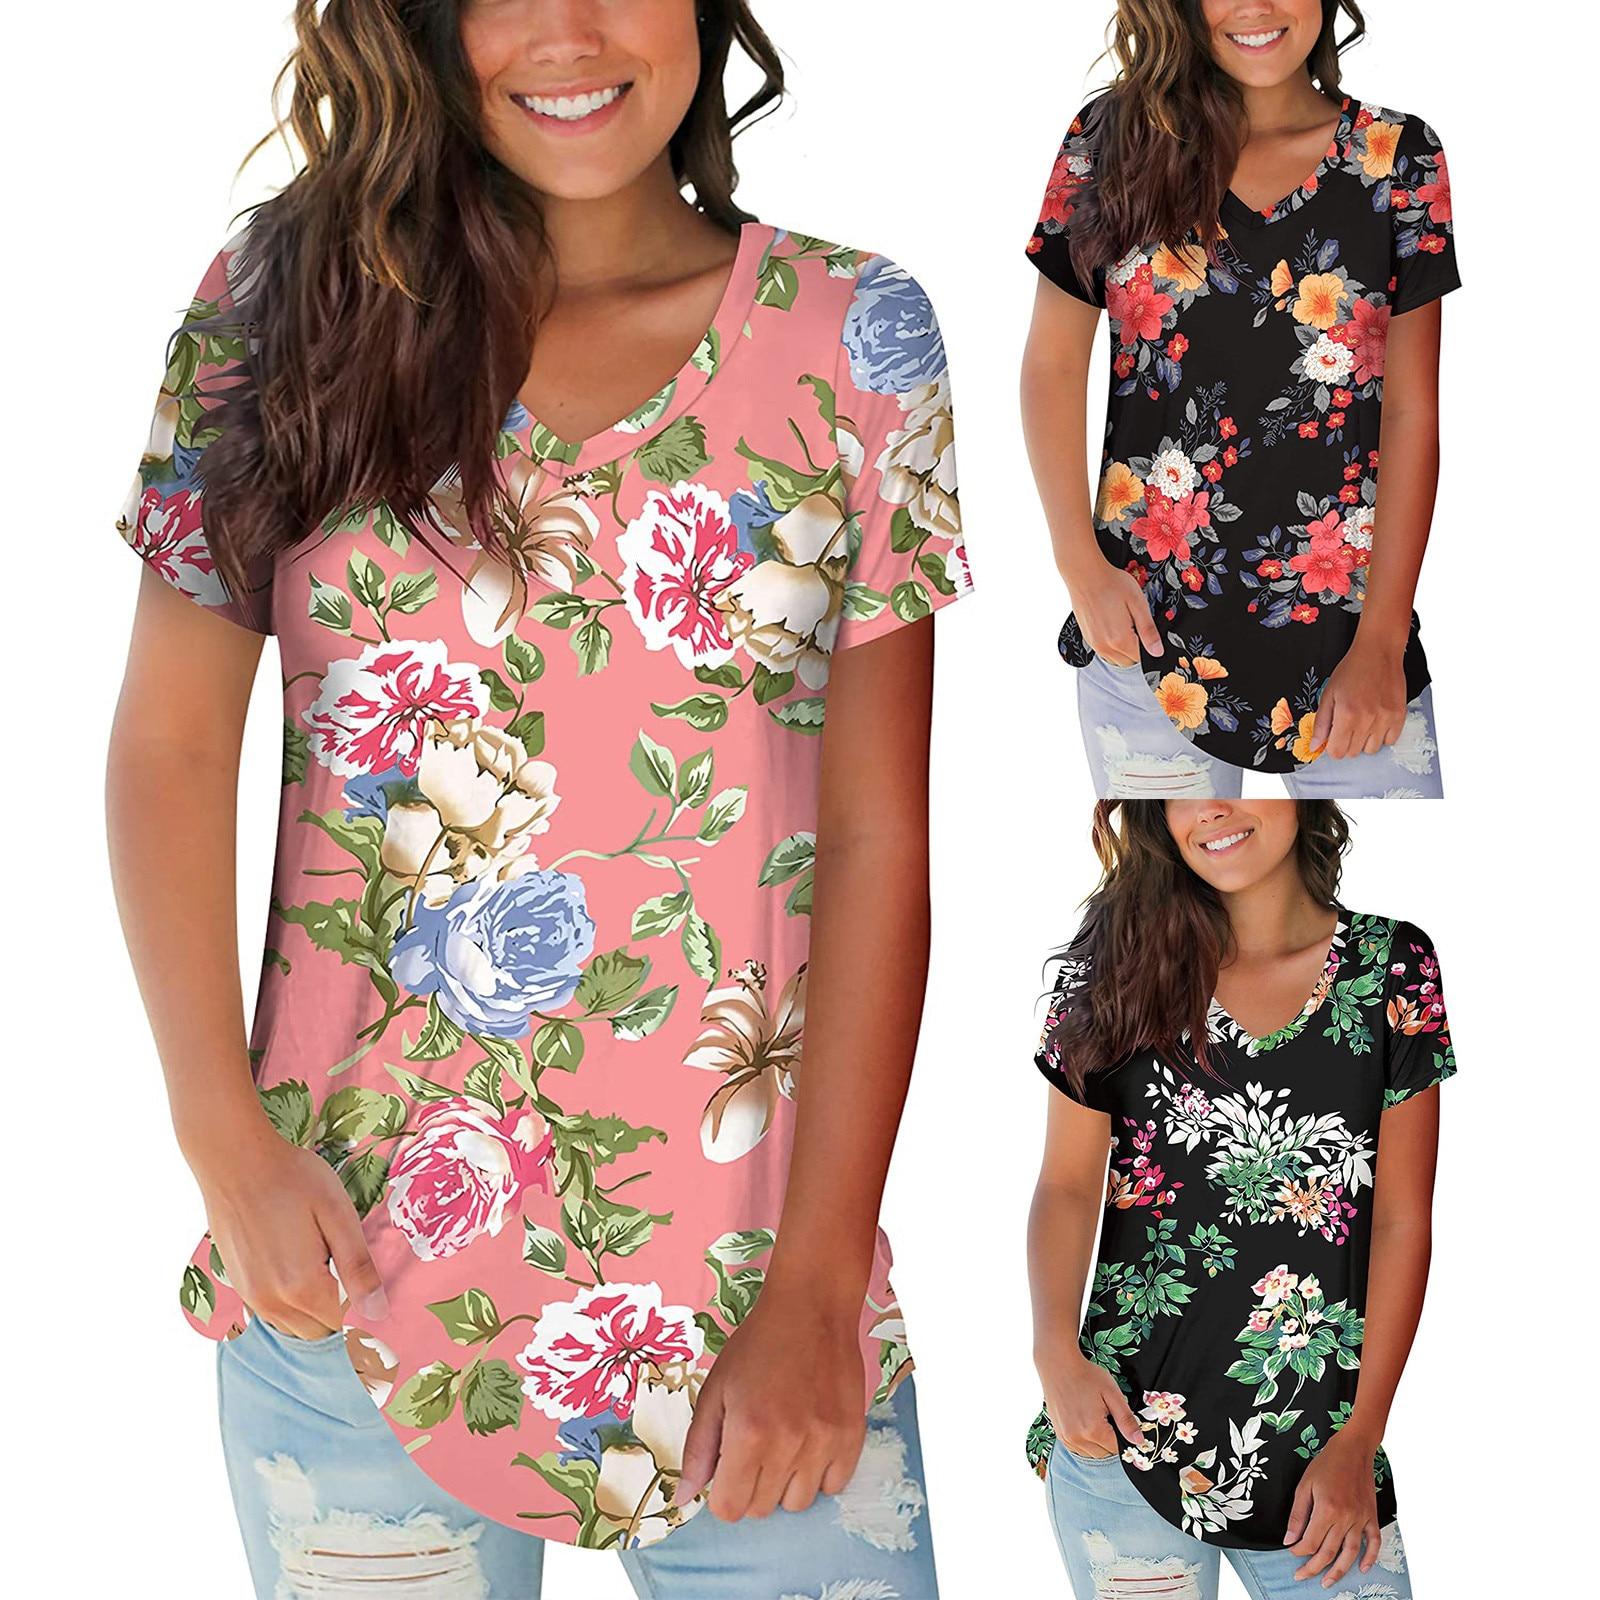 Las mujeres Tops Sexy cuello en V flores camiseta verano corto camisetas...